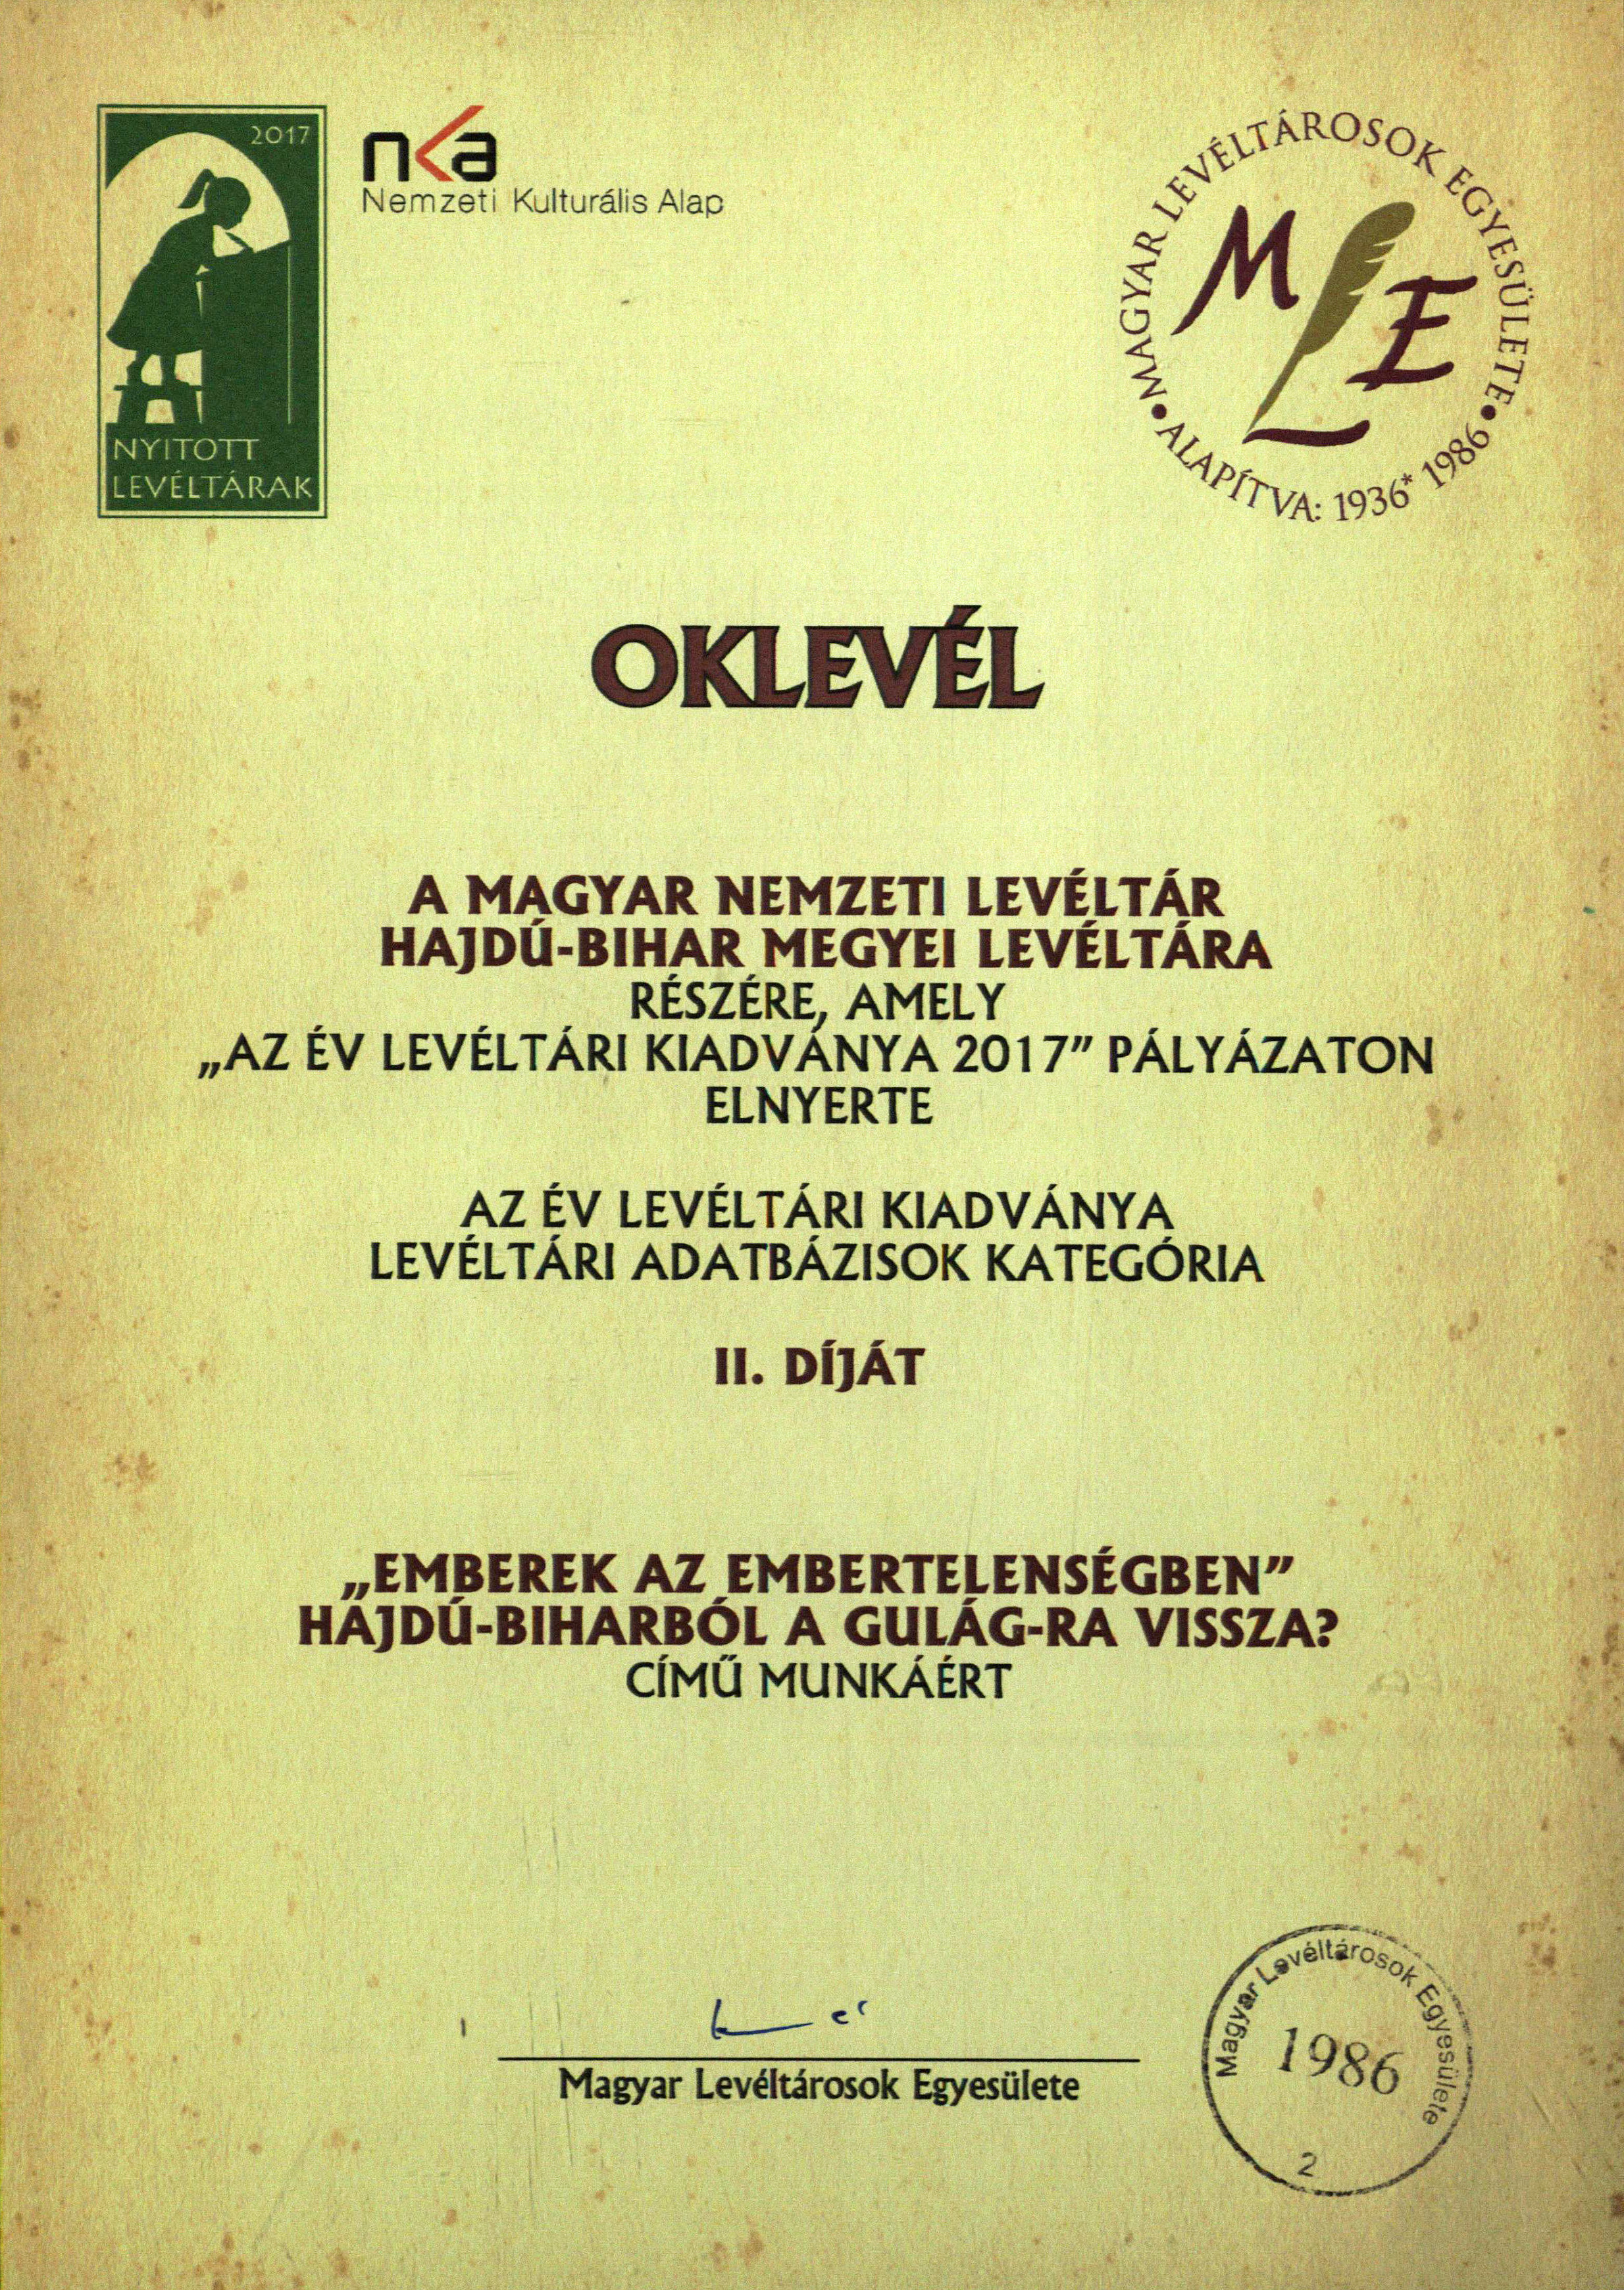 2Az Év Levéltári Kiadványa 2017 – Levéltári adatbázisok kategória II. díj